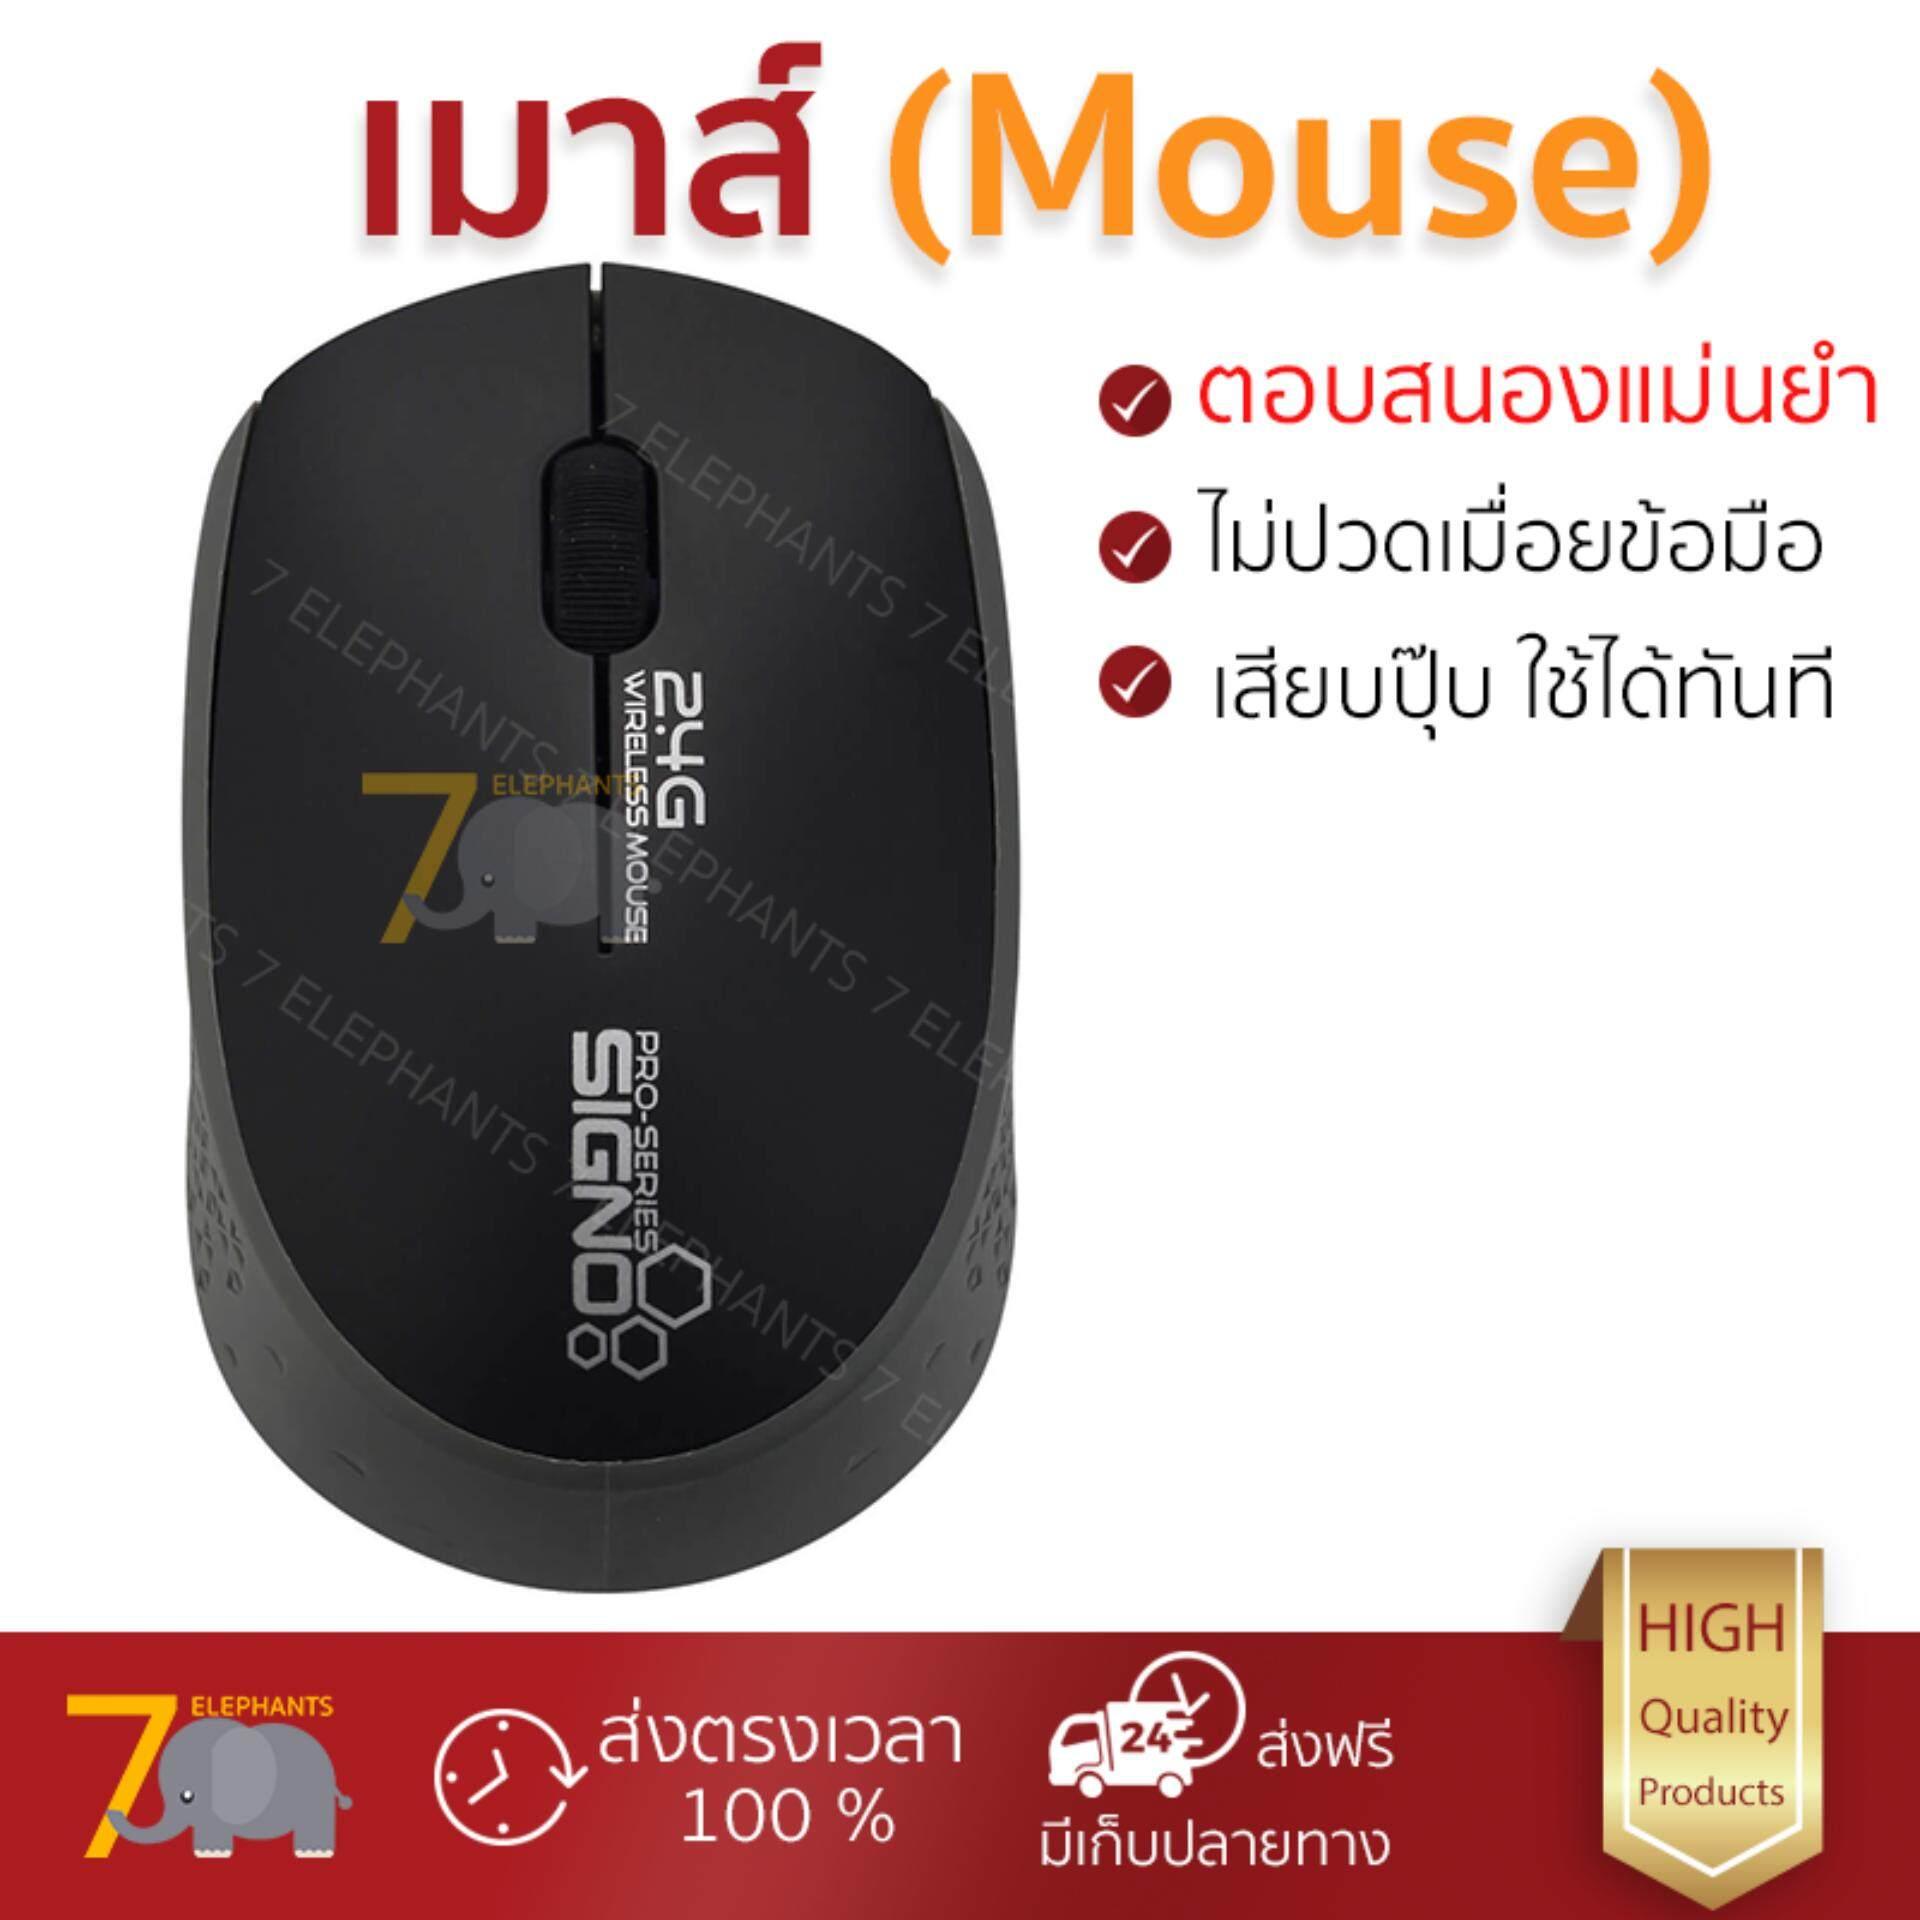 ลดสุดๆ รุ่นใหม่ล่าสุด เมาส์           SIGNO เมาส์ไร้สาย (สีดำ) รุ่น WM-130BLK             เซนเซอร์คุณภาพสูง ทำงานได้ลื่นไหล ไม่มีสะดุด Computer Mouse  รับประกันสินค้า 1 ปี จัดส่งฟรี Kerry ทั่วประเทศ